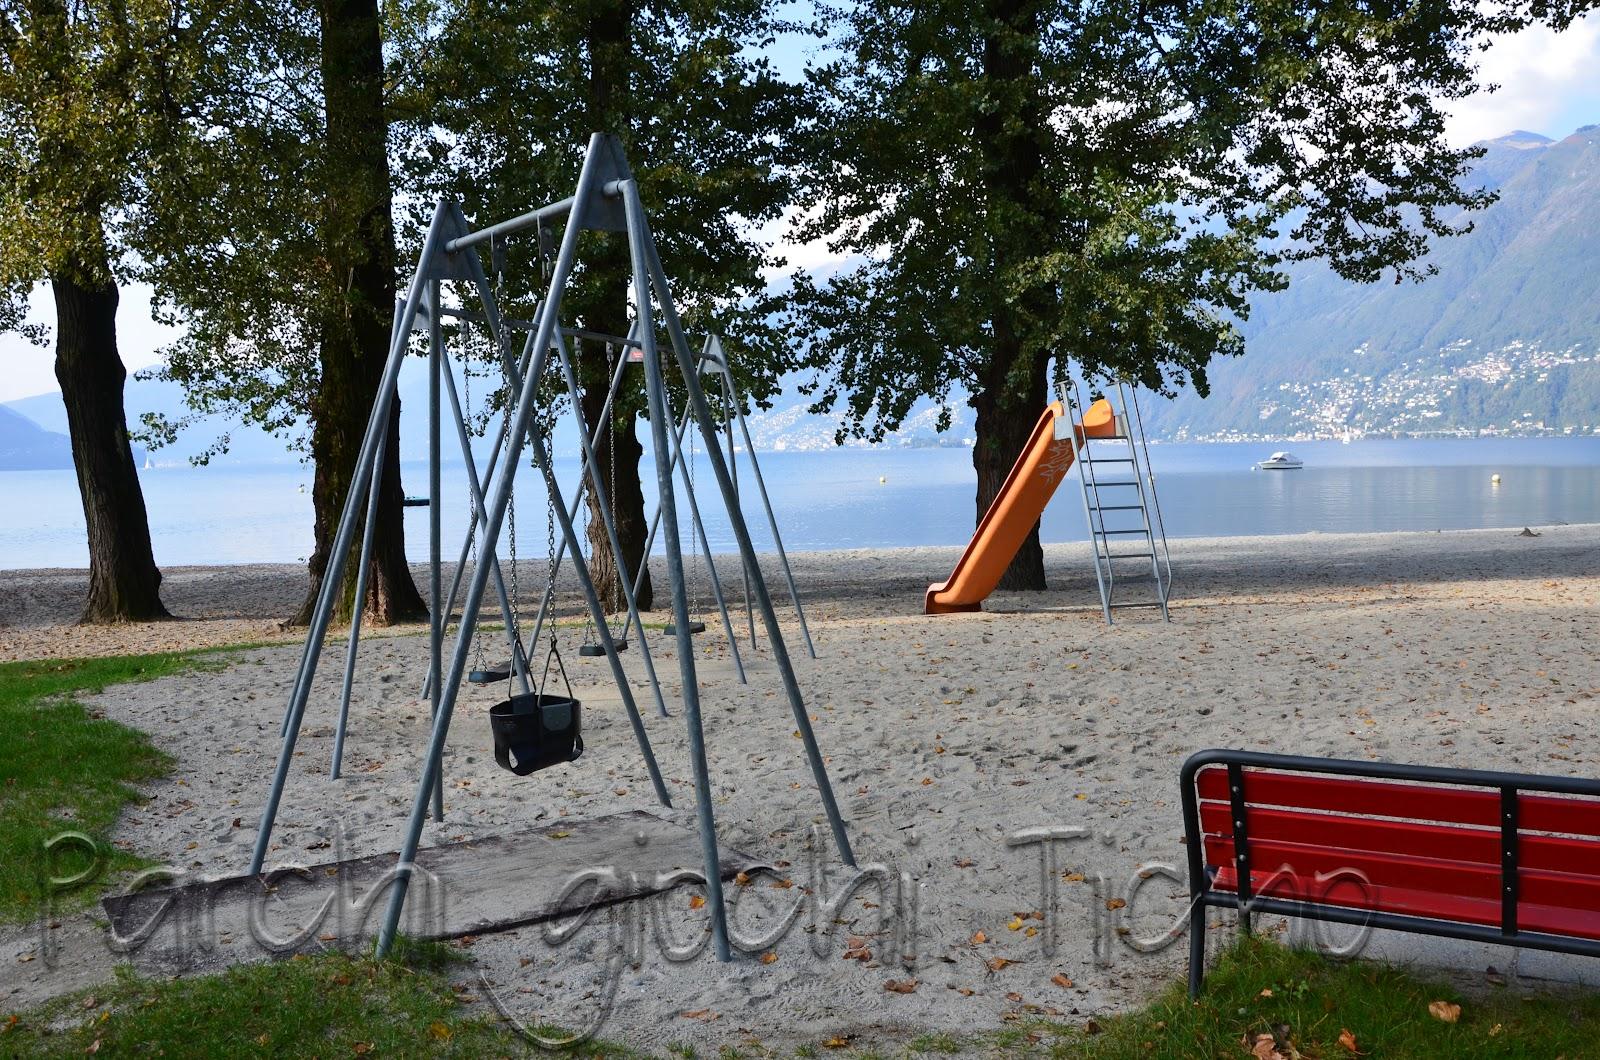 Parco giochi bagno pubblico \